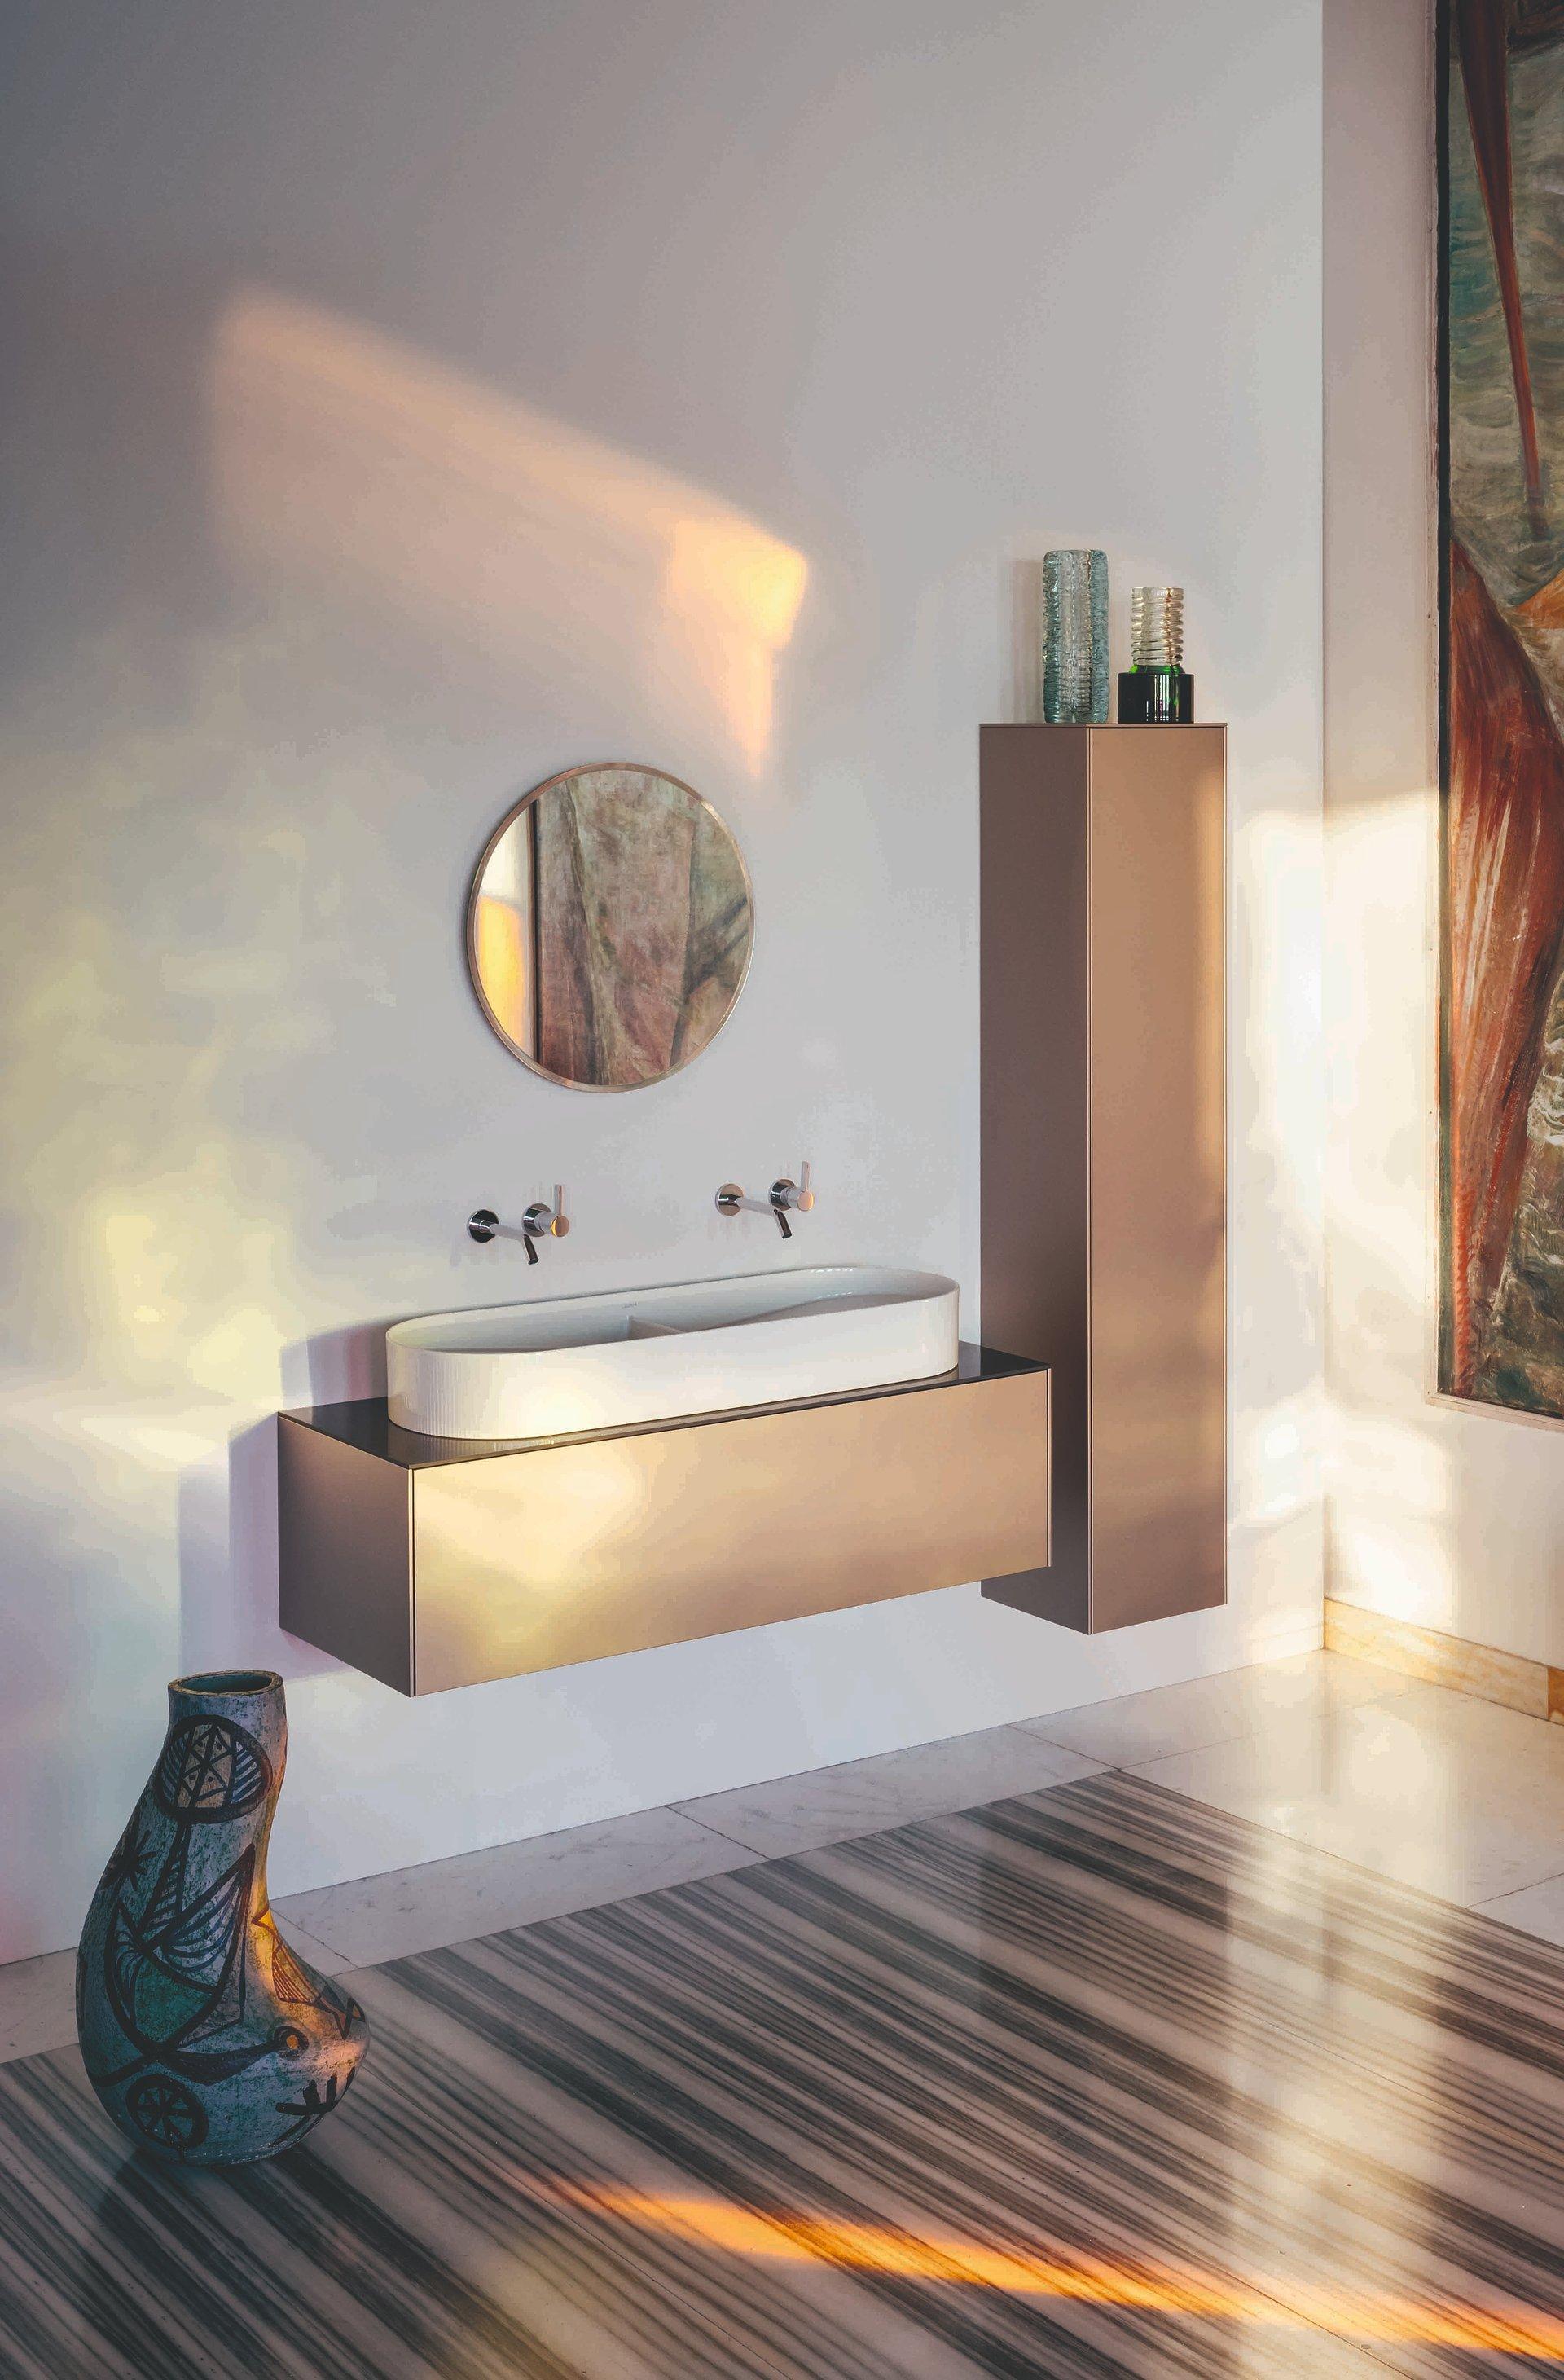 Niespotykane kształty, modne wykończenia, szlachetne ekologiczne materiały, czyli stylowe meble Laufen w połączeniu z funkcjonalnością.